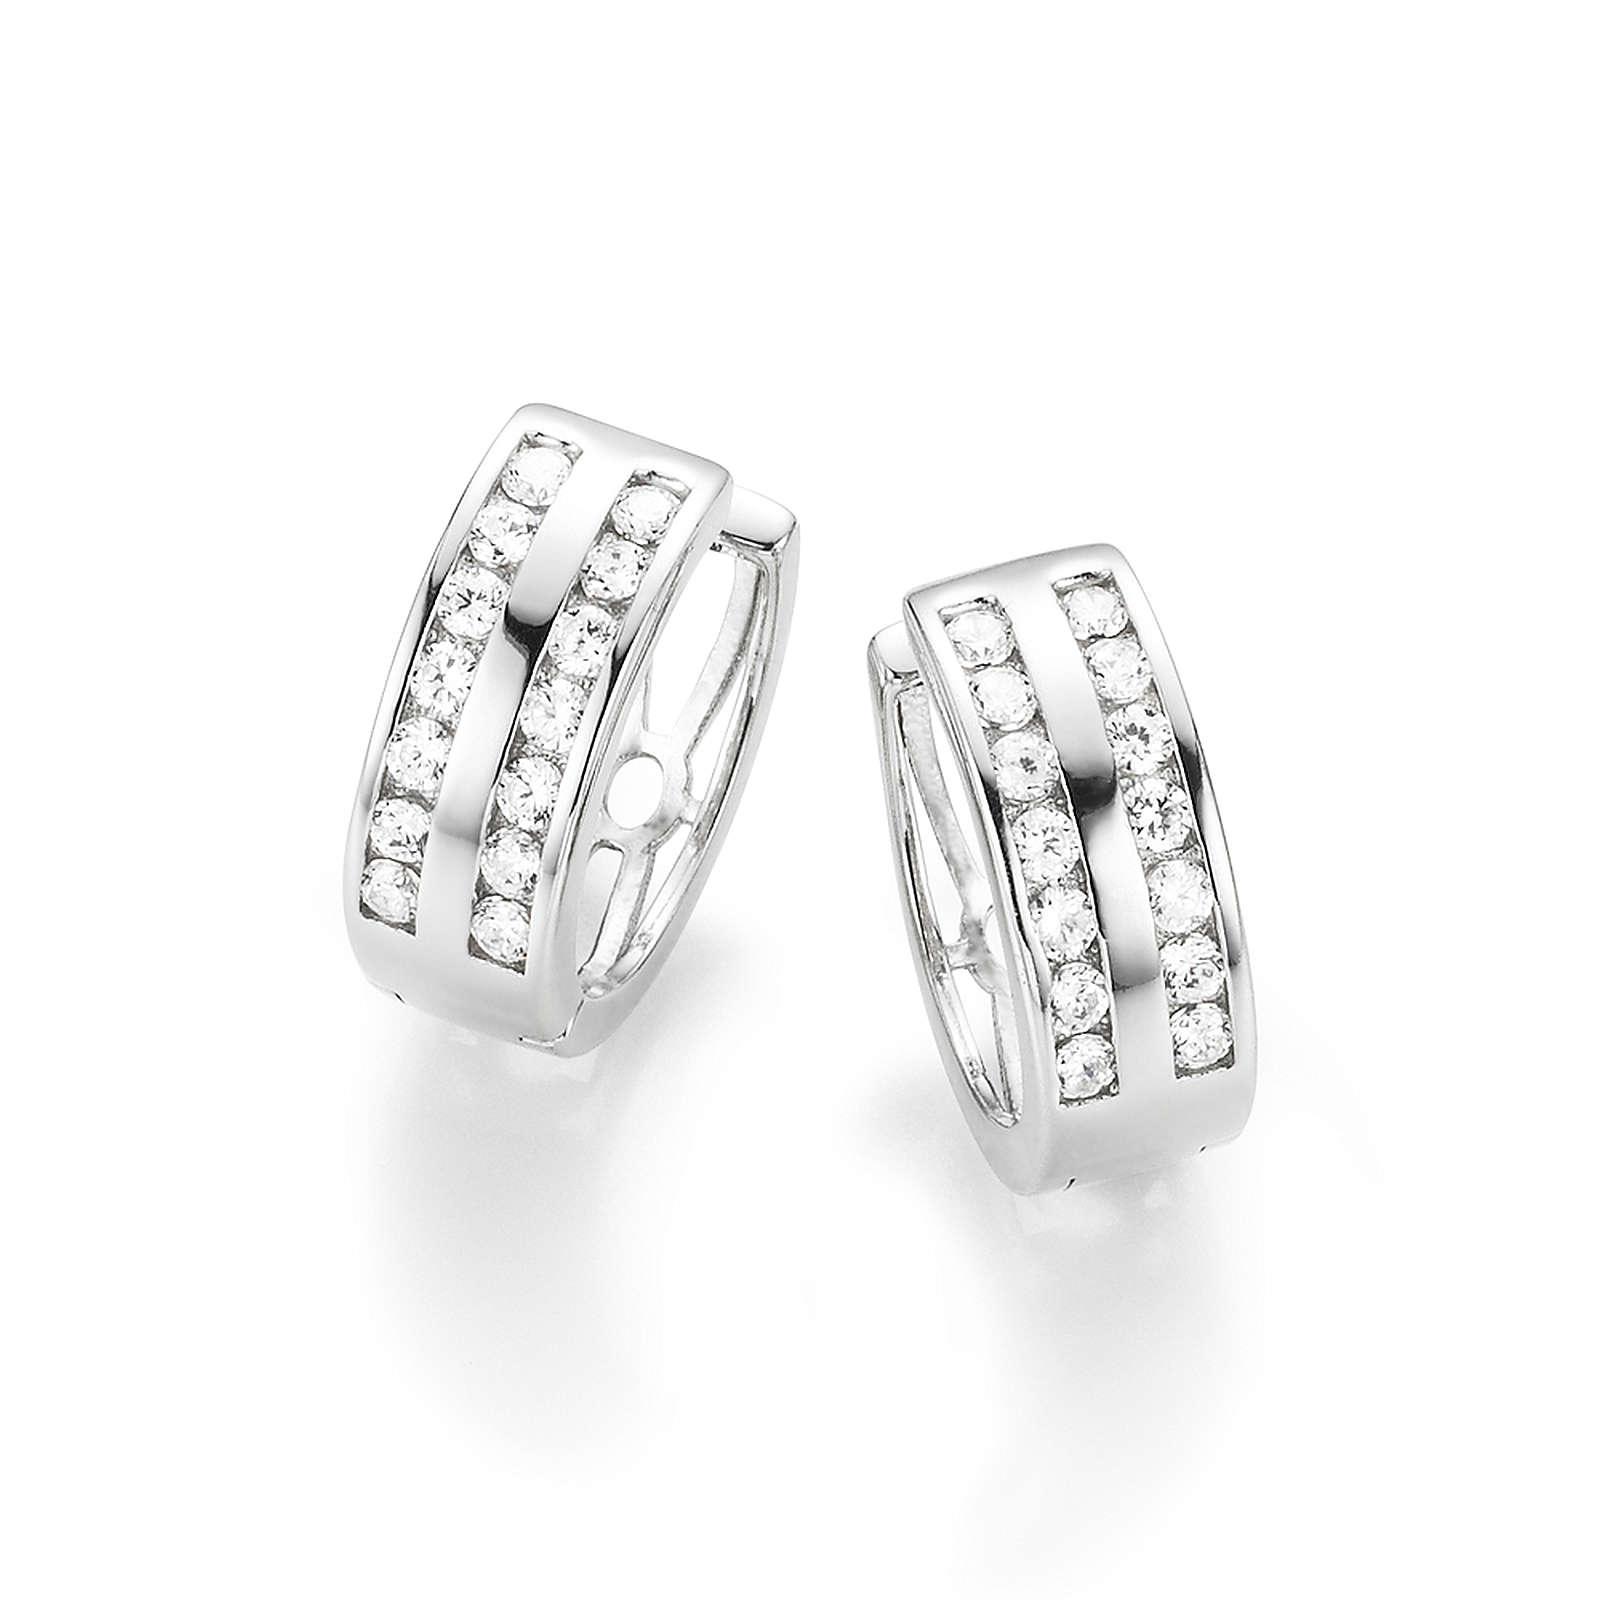 SMART JEWEL® Smart Jewel Klappcreolen mit Zirkonia Steine in zweireihiger Optik, Silber Creolen weiß Damen